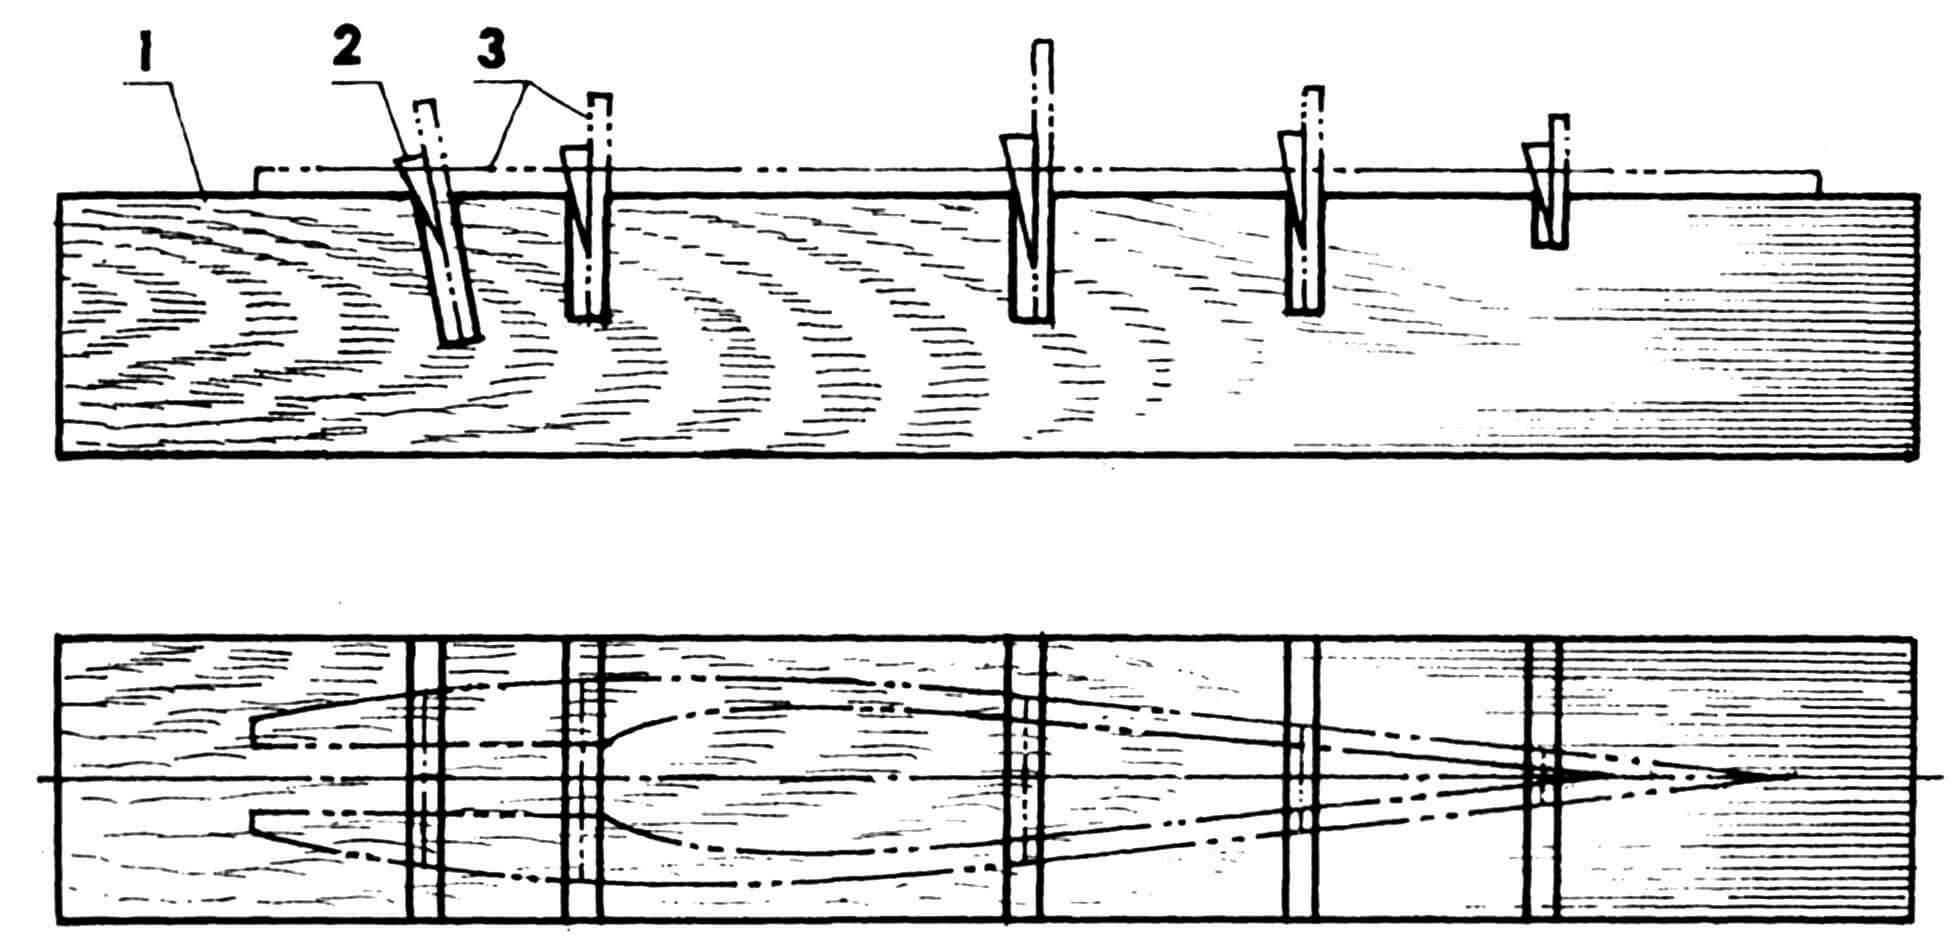 Устройство приспособления для сборки фюзеляжа: 1 — стапель (деревянный брусок 60x60, L600); 2 — клин (5 шт.); 3 — элементы силового набора фюзеляжа.